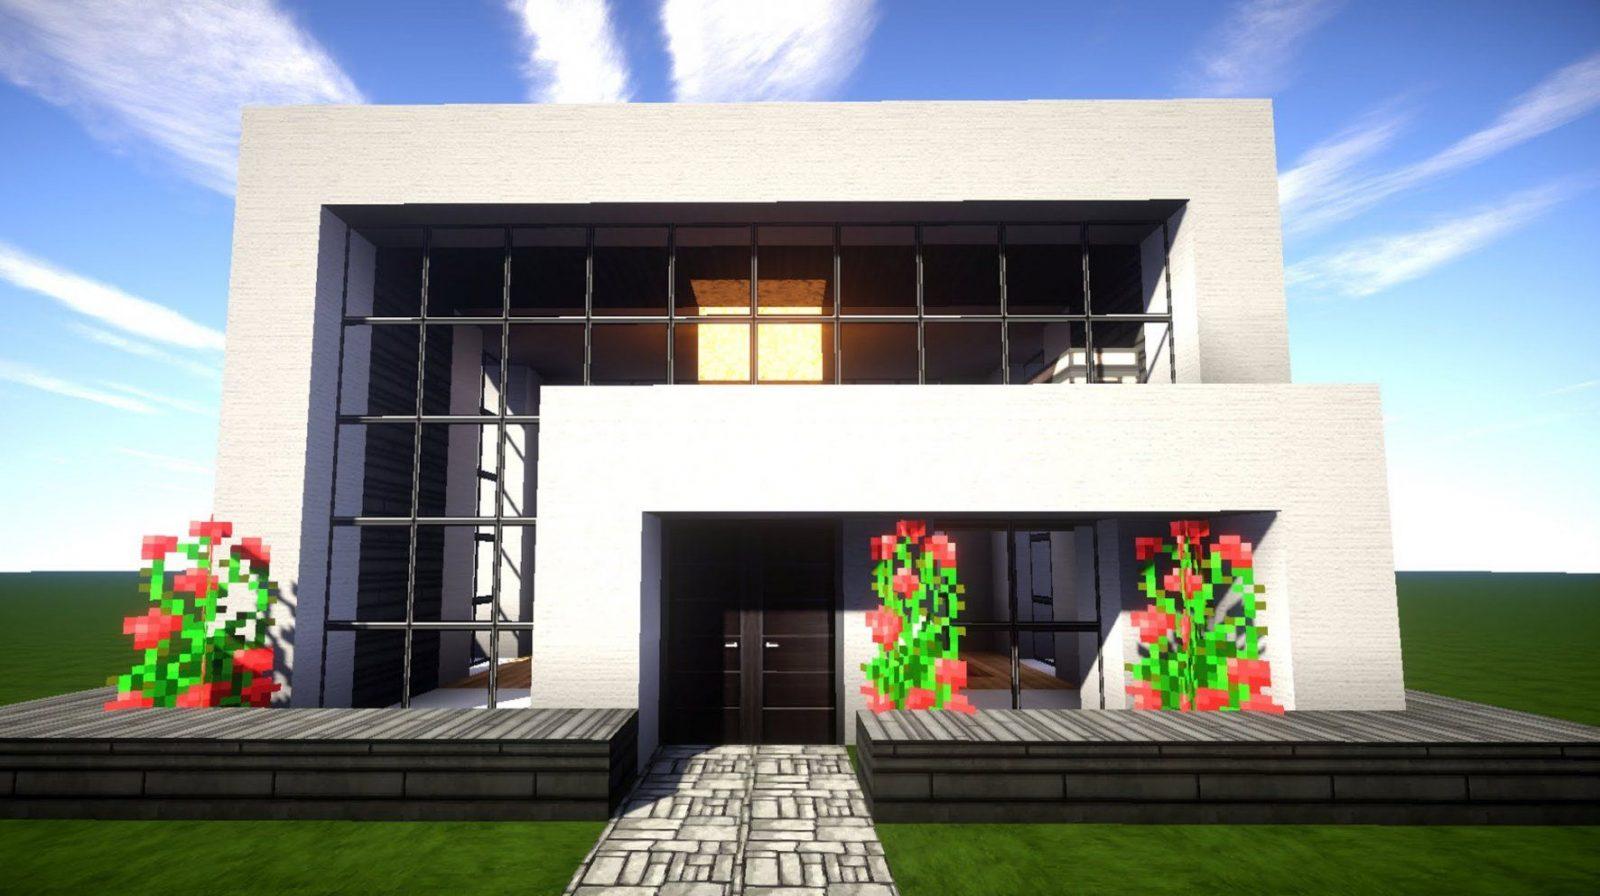 Minecraft Modernes Haus Mit Wasserfall Bauen 14X12  Tutorial von Minecraft Modernes Haus Bauen Anleitung Bild